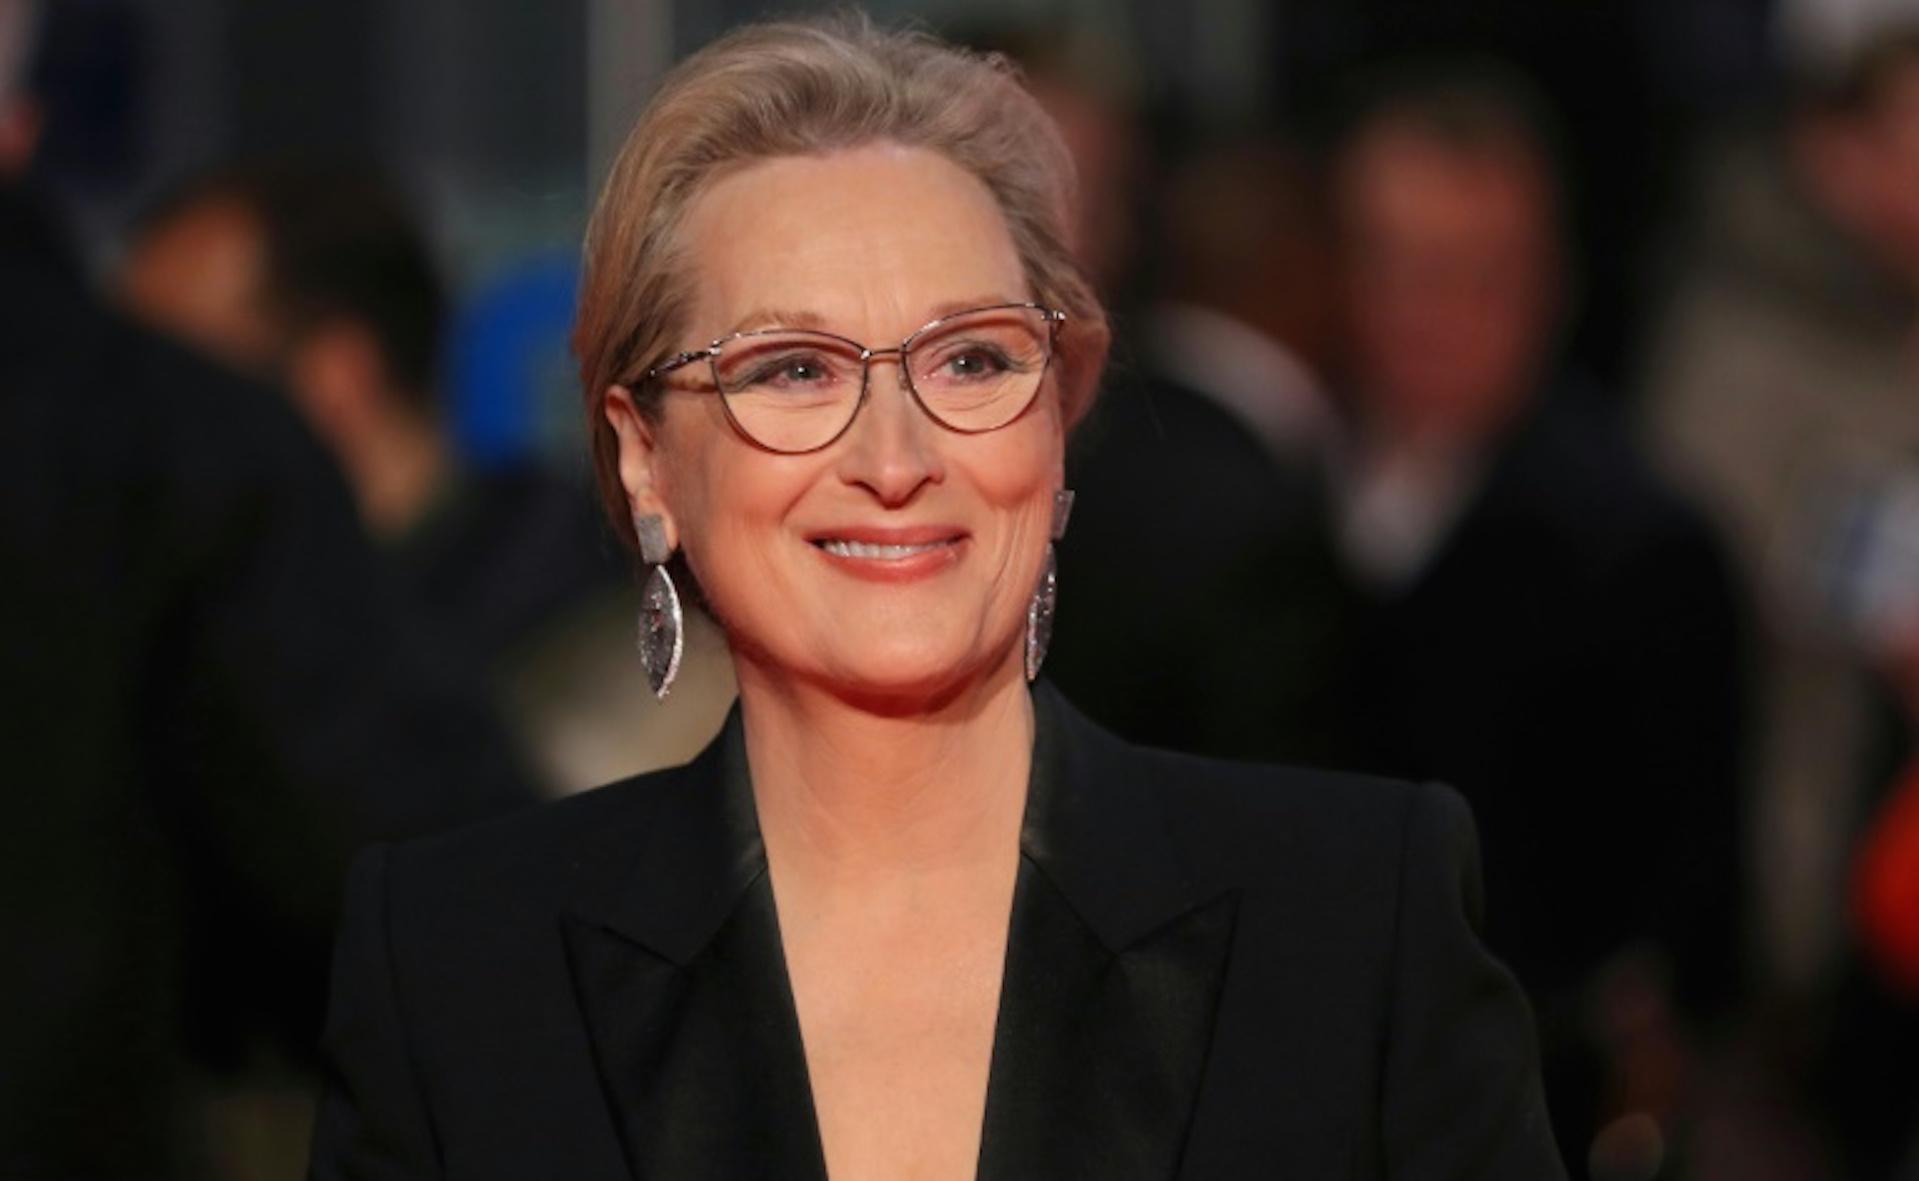 """La tres veces ganadora del Oscar Meryl Streep actuará juntocon Reese Witherspoon y Nicole Kidman en la segunda temporada de """"Big Little Lies"""" (AFP/Archivos – Daniel LEAL-OLIVAS)"""